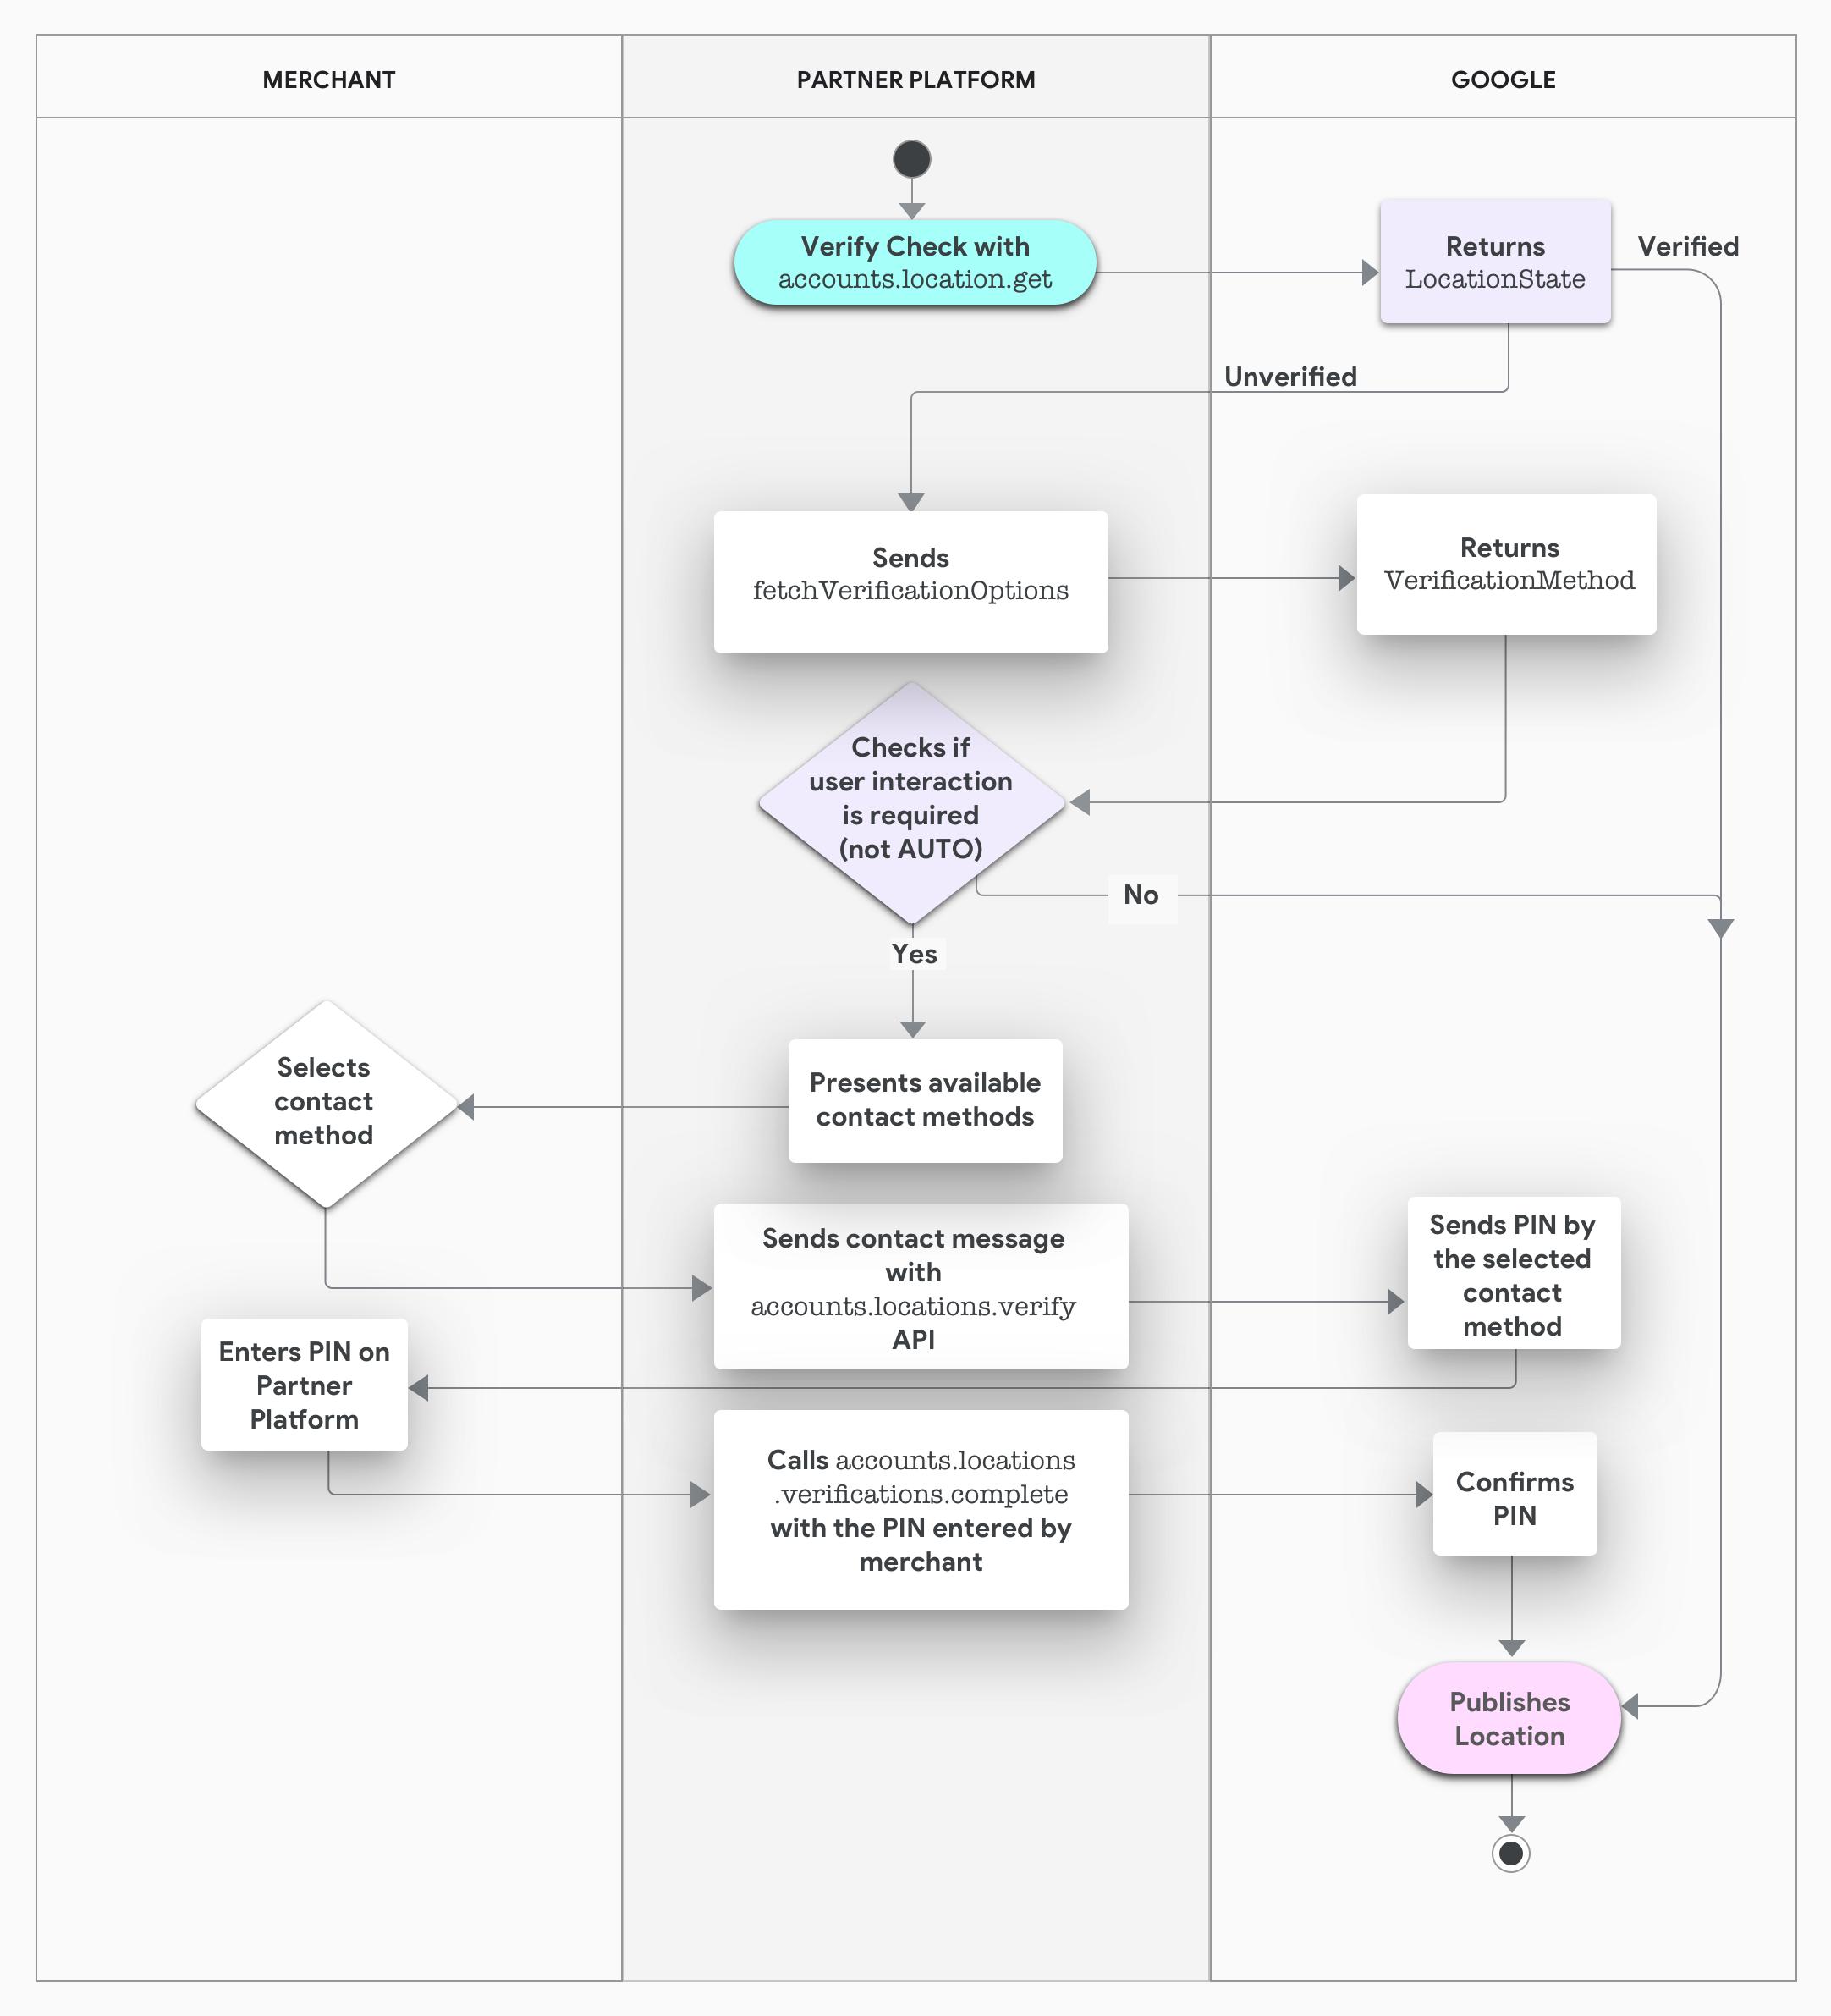 基于平台的验证流程概览的泳道图。